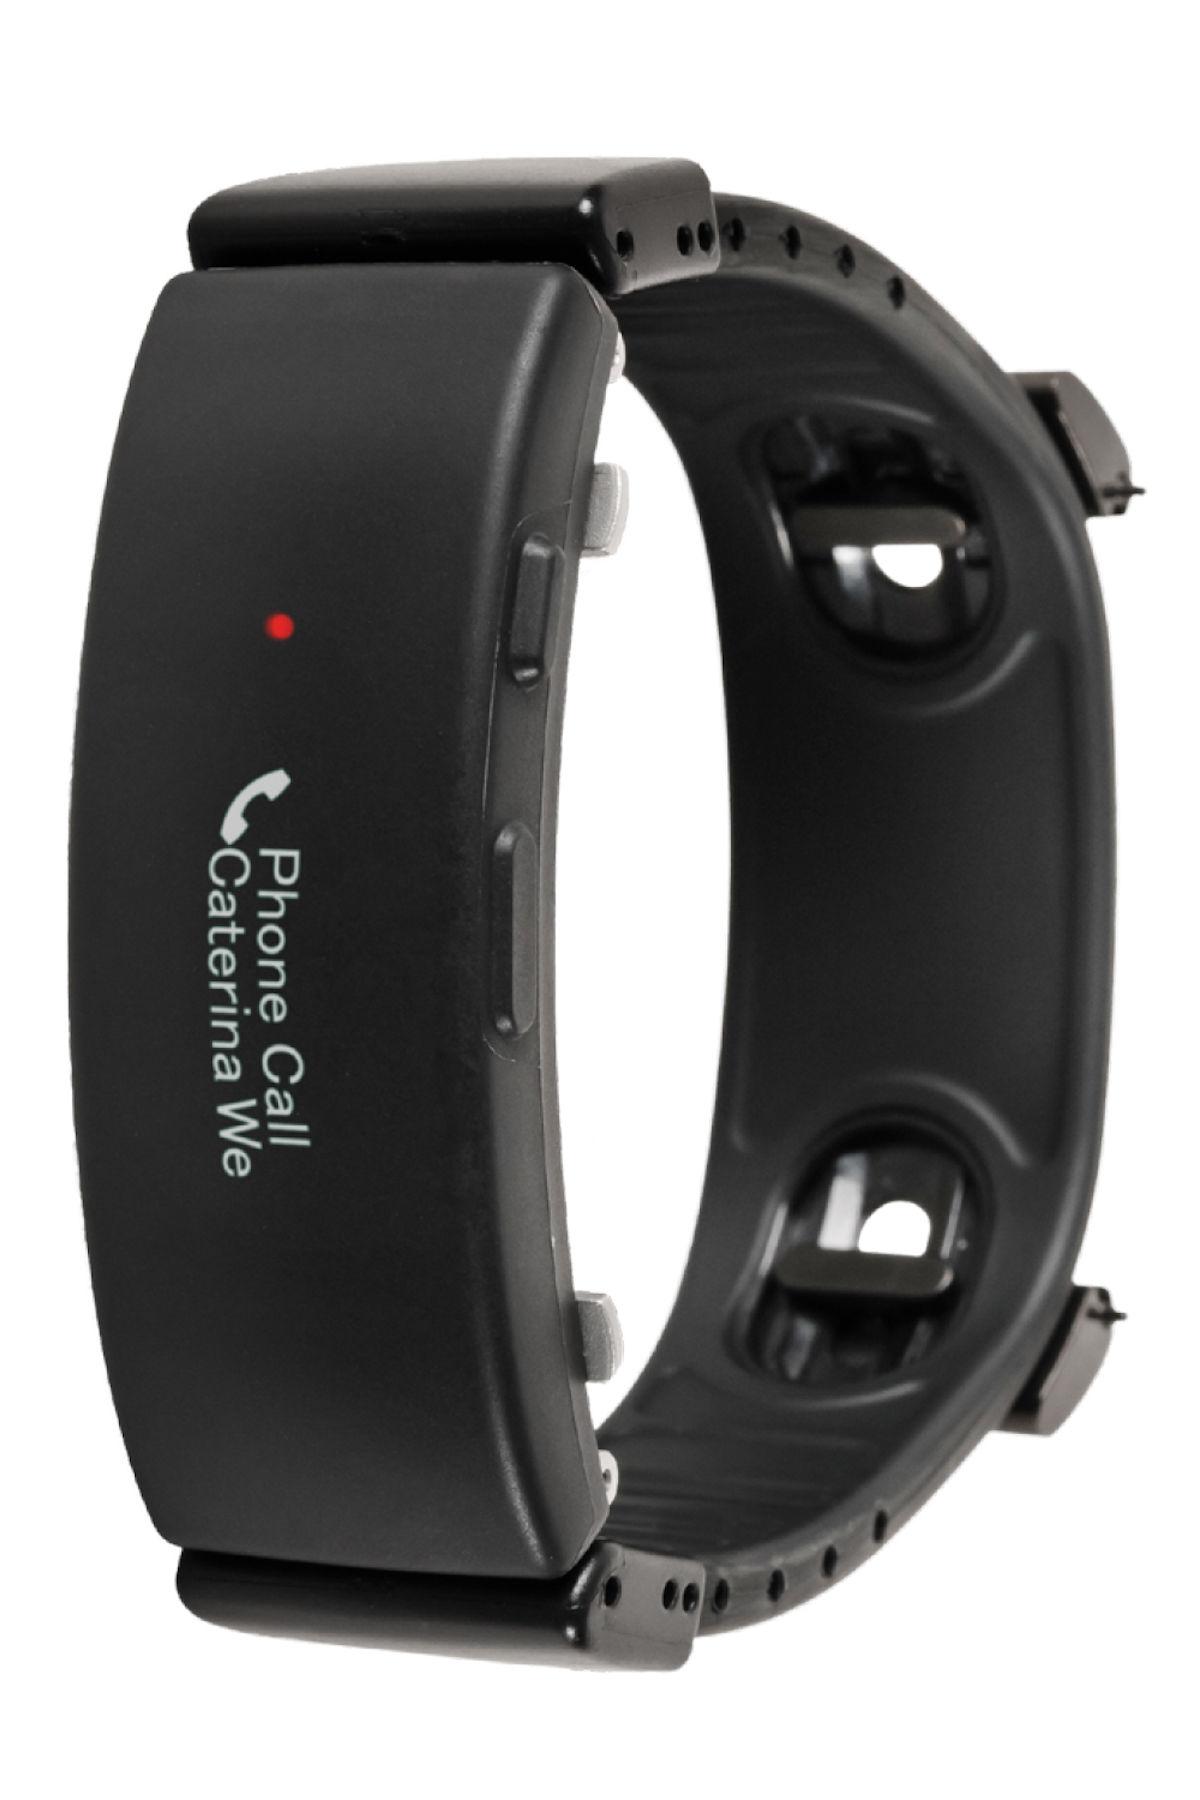 Apple Watchユーザーでも気になる!オン/オフを切り替えられる新モデル「wena wrist active」予約開始! technology180228_wenawrist-active_1-1200x1800